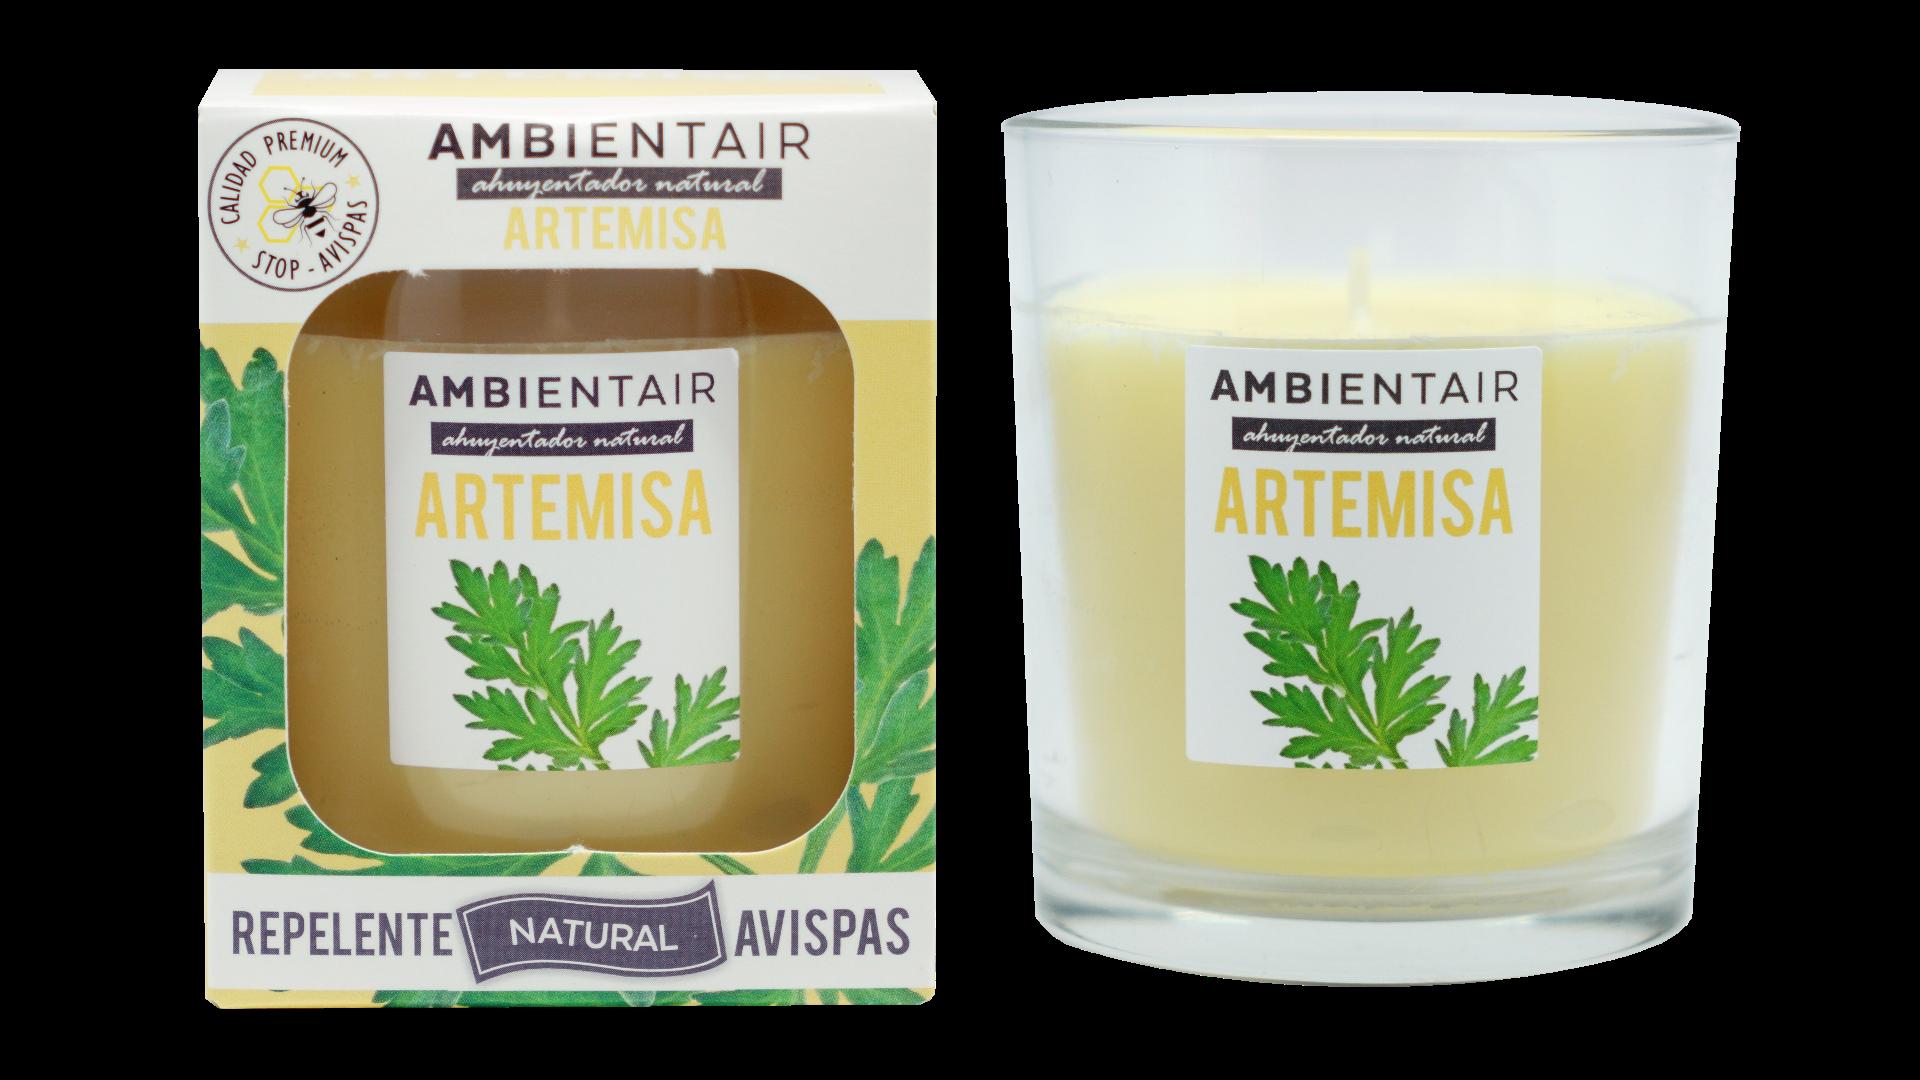 Vela Artemisa Ambient Air® Repelente de avispas